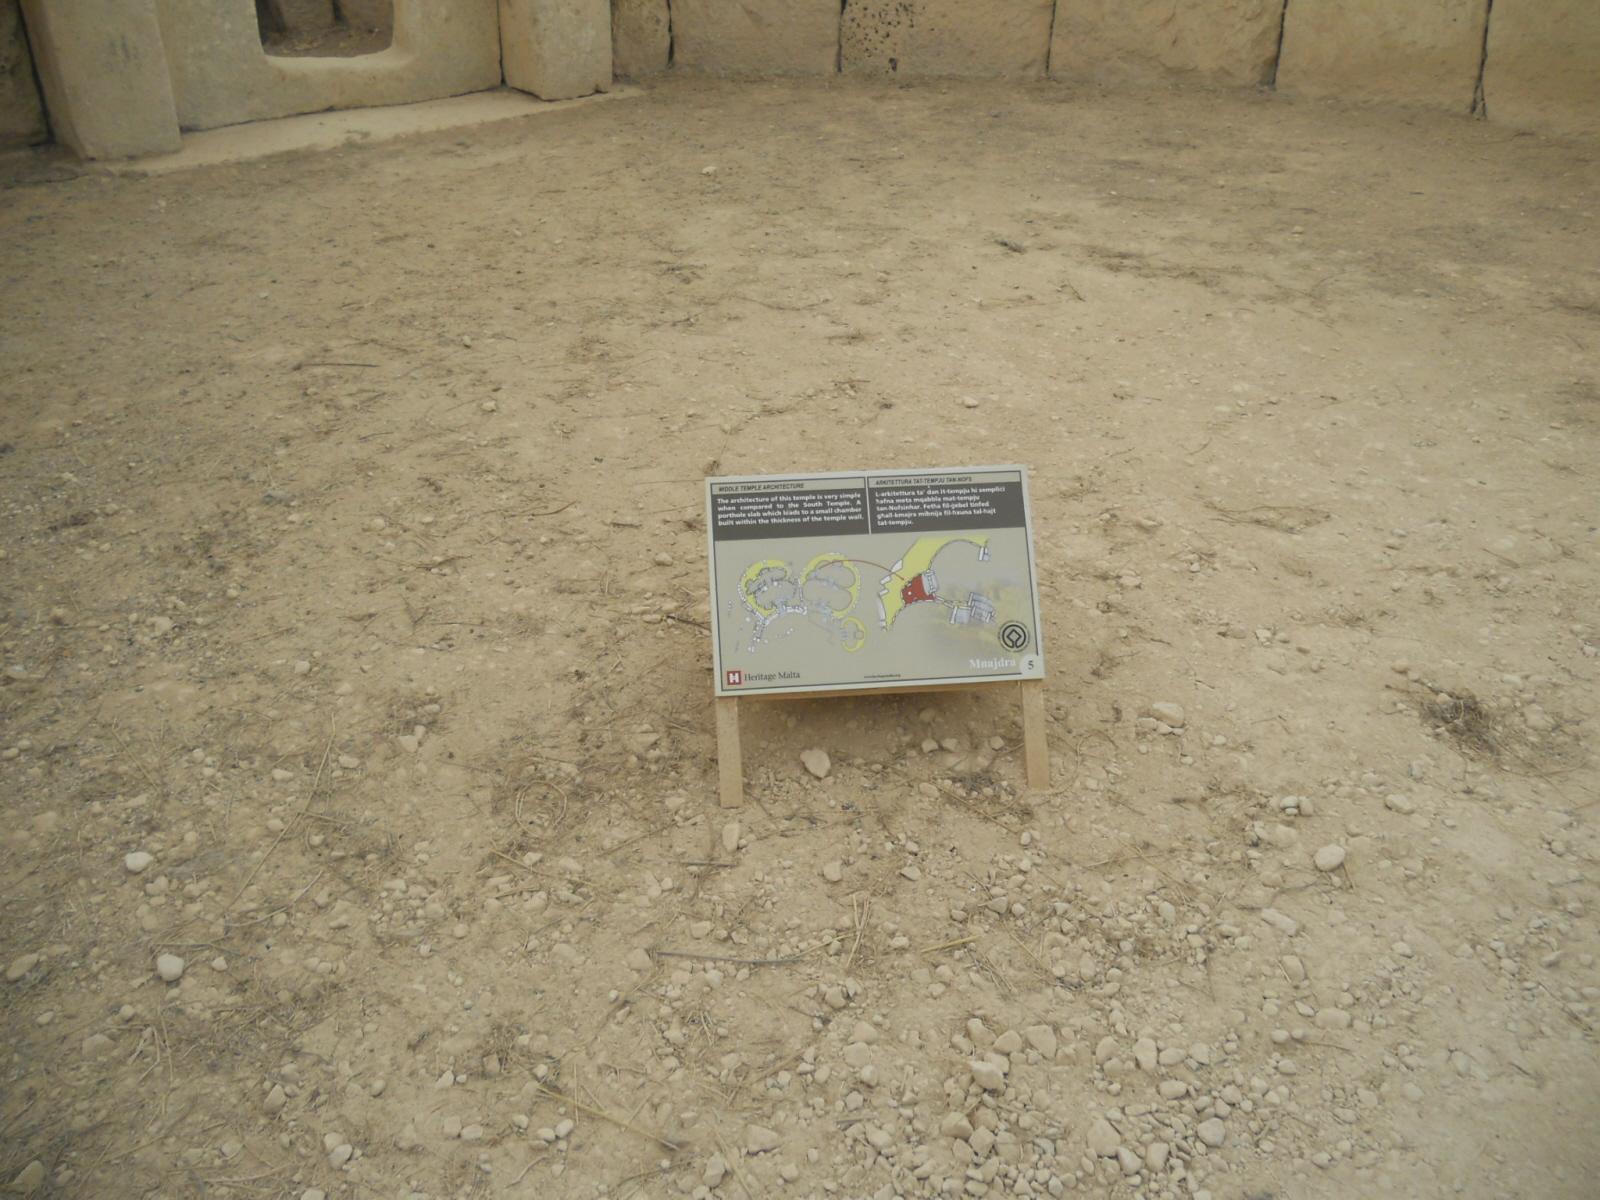 Żurrieq. Megalityczna świątynia Mnajdra